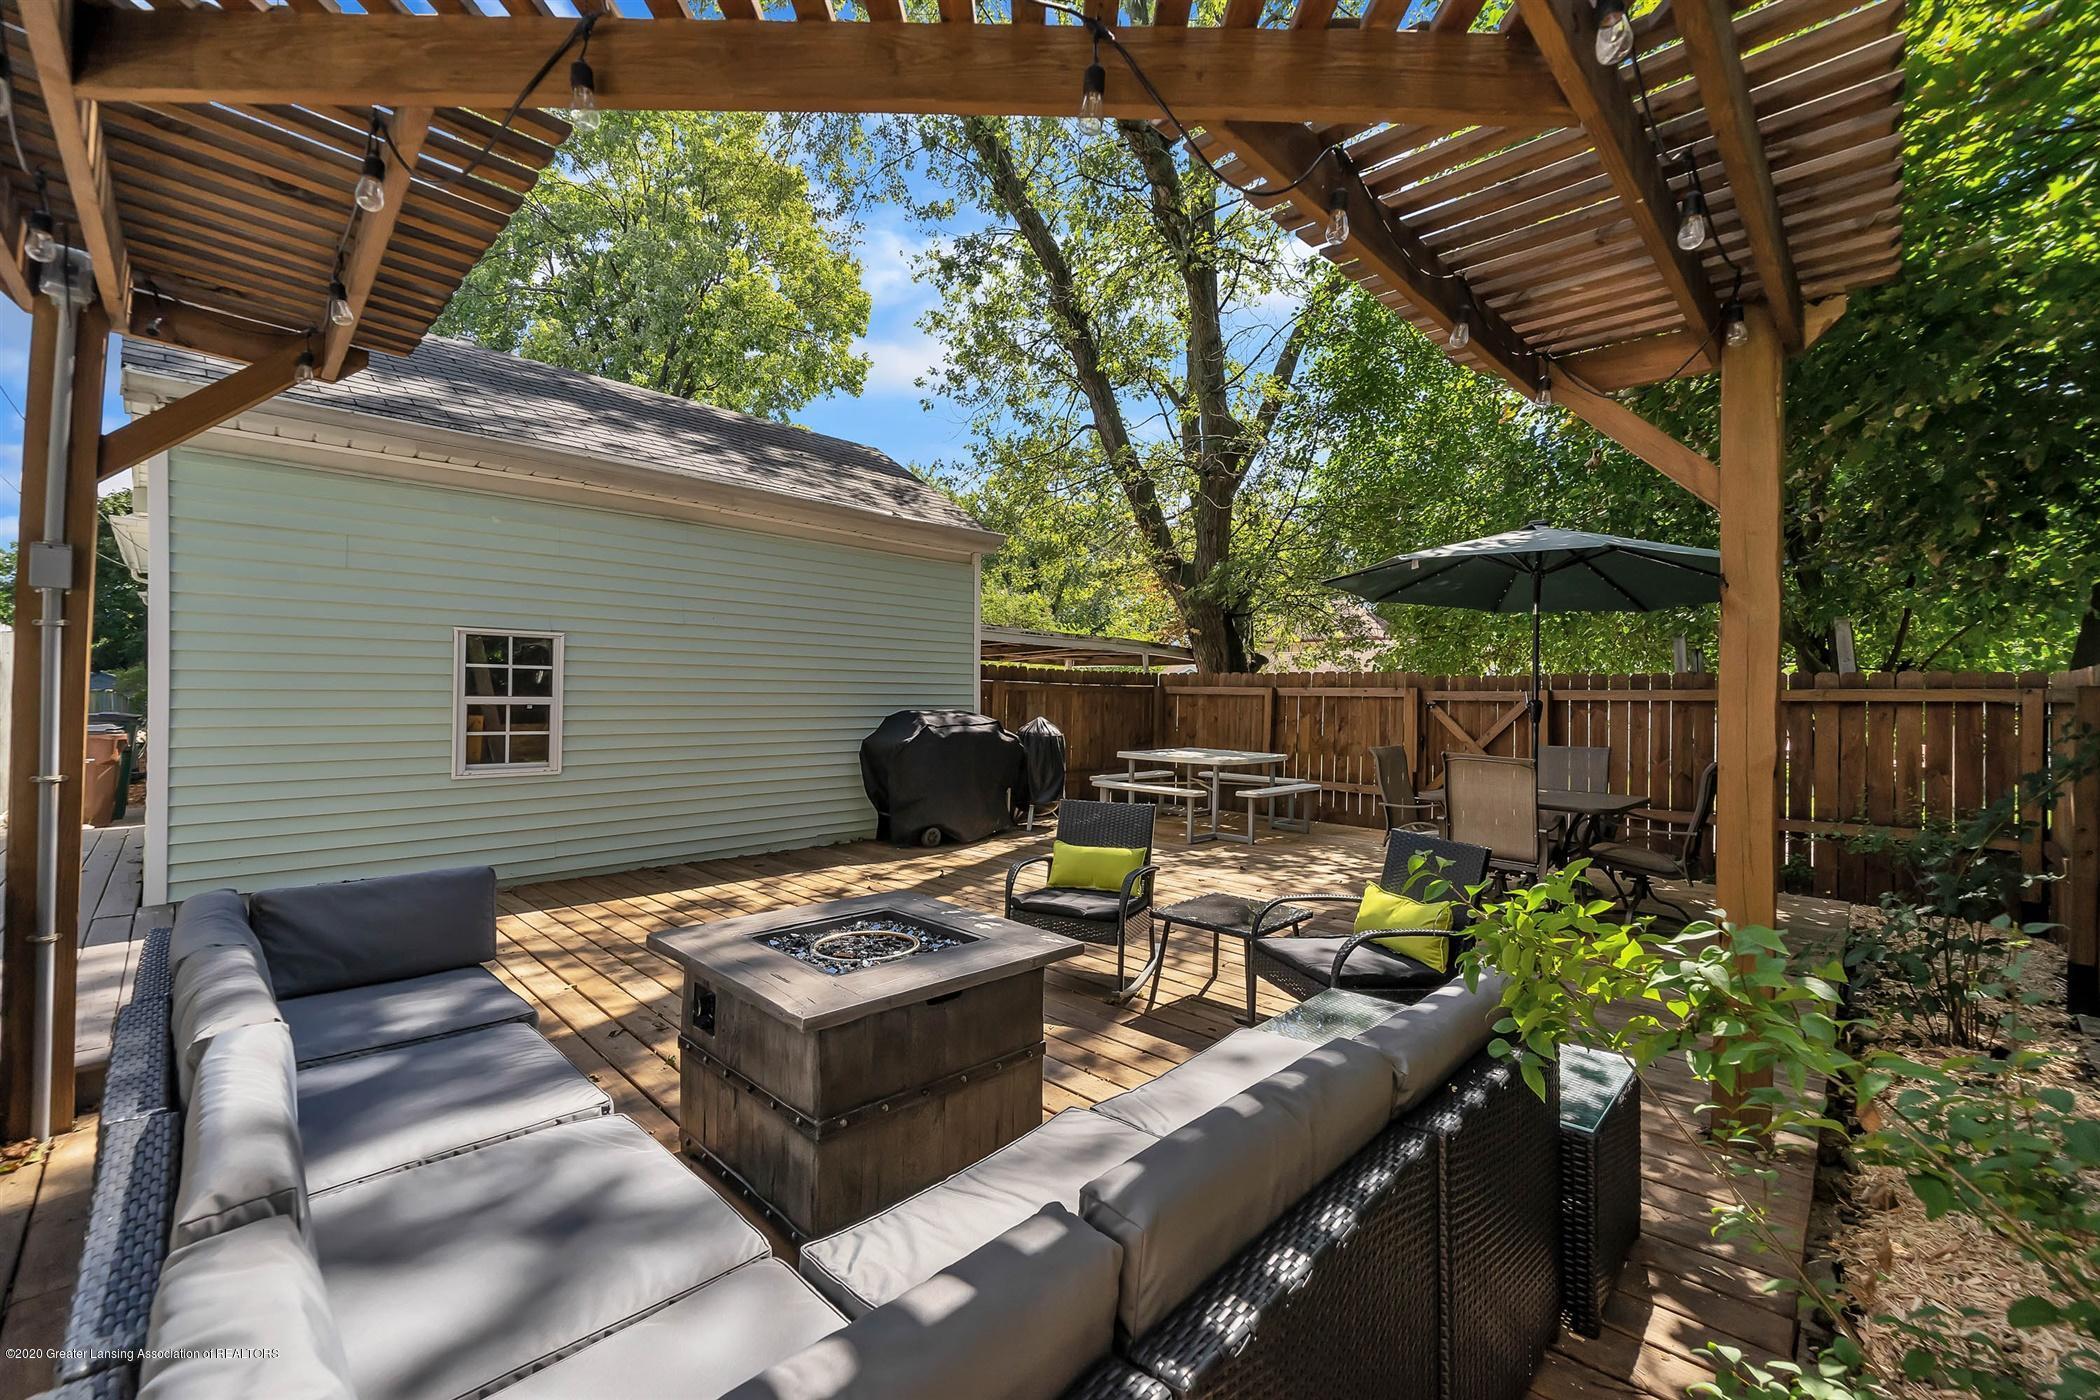 2032 Clifton Ave - (26) EXTERIOR Deck Area - 27